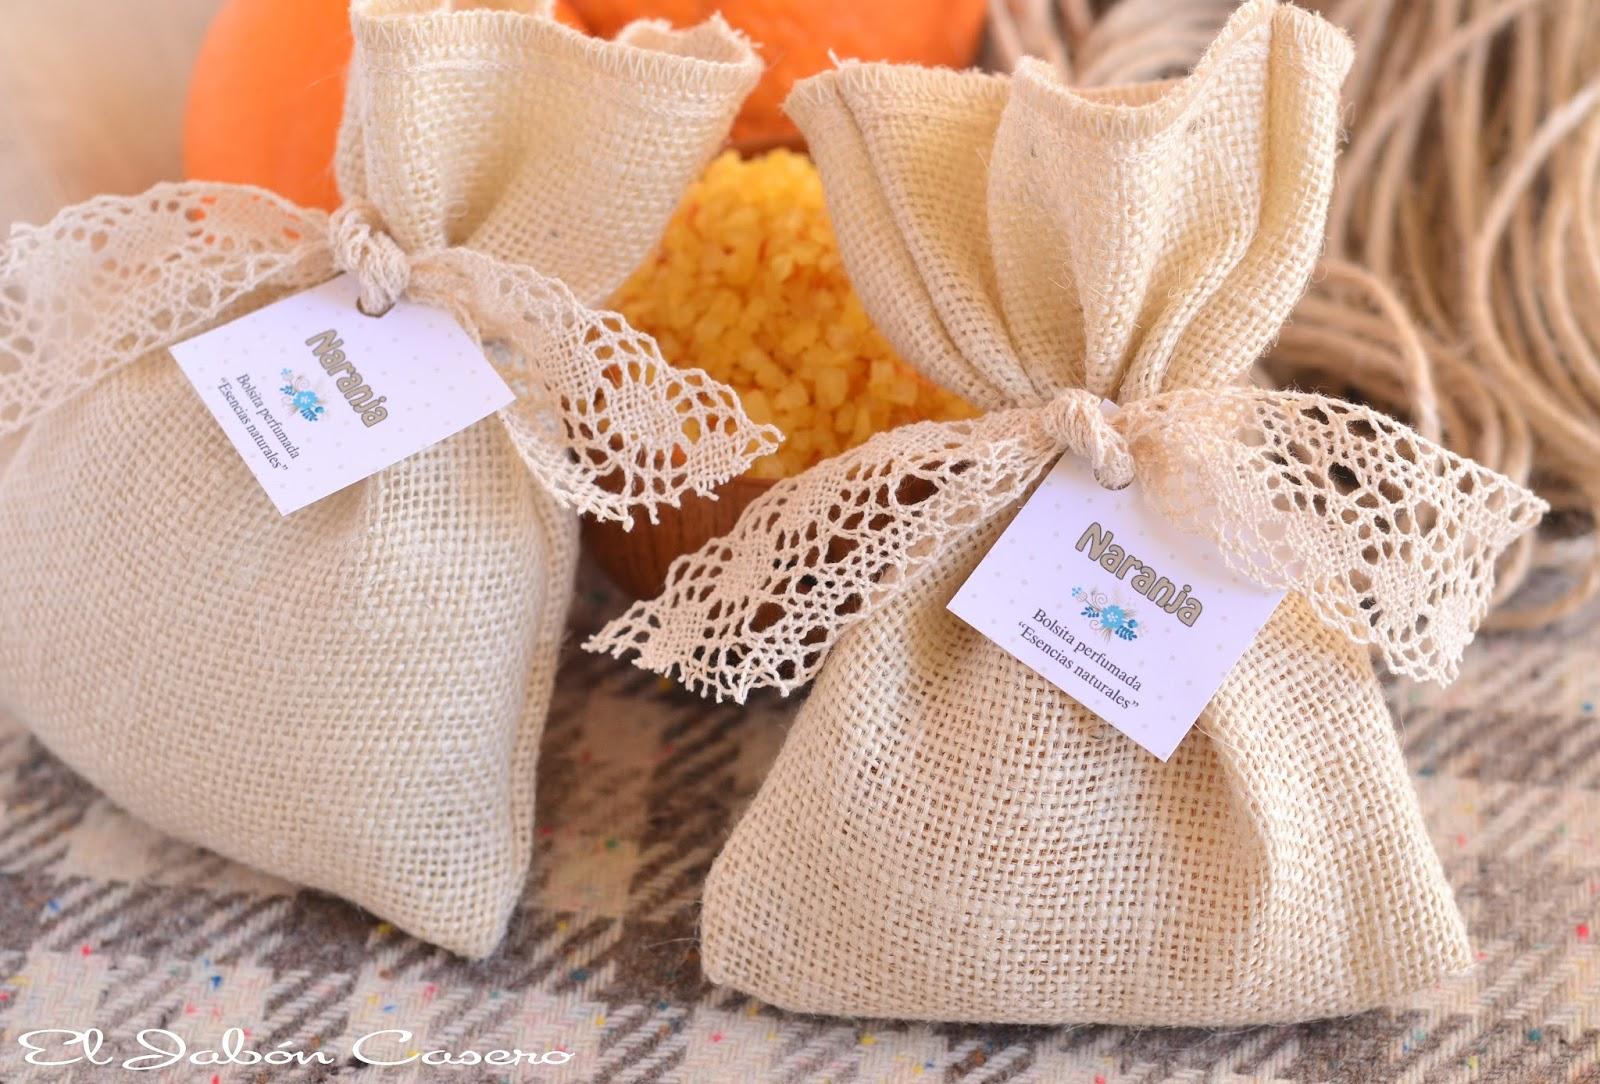 Saquitos perfumados regalos detalles  bodas